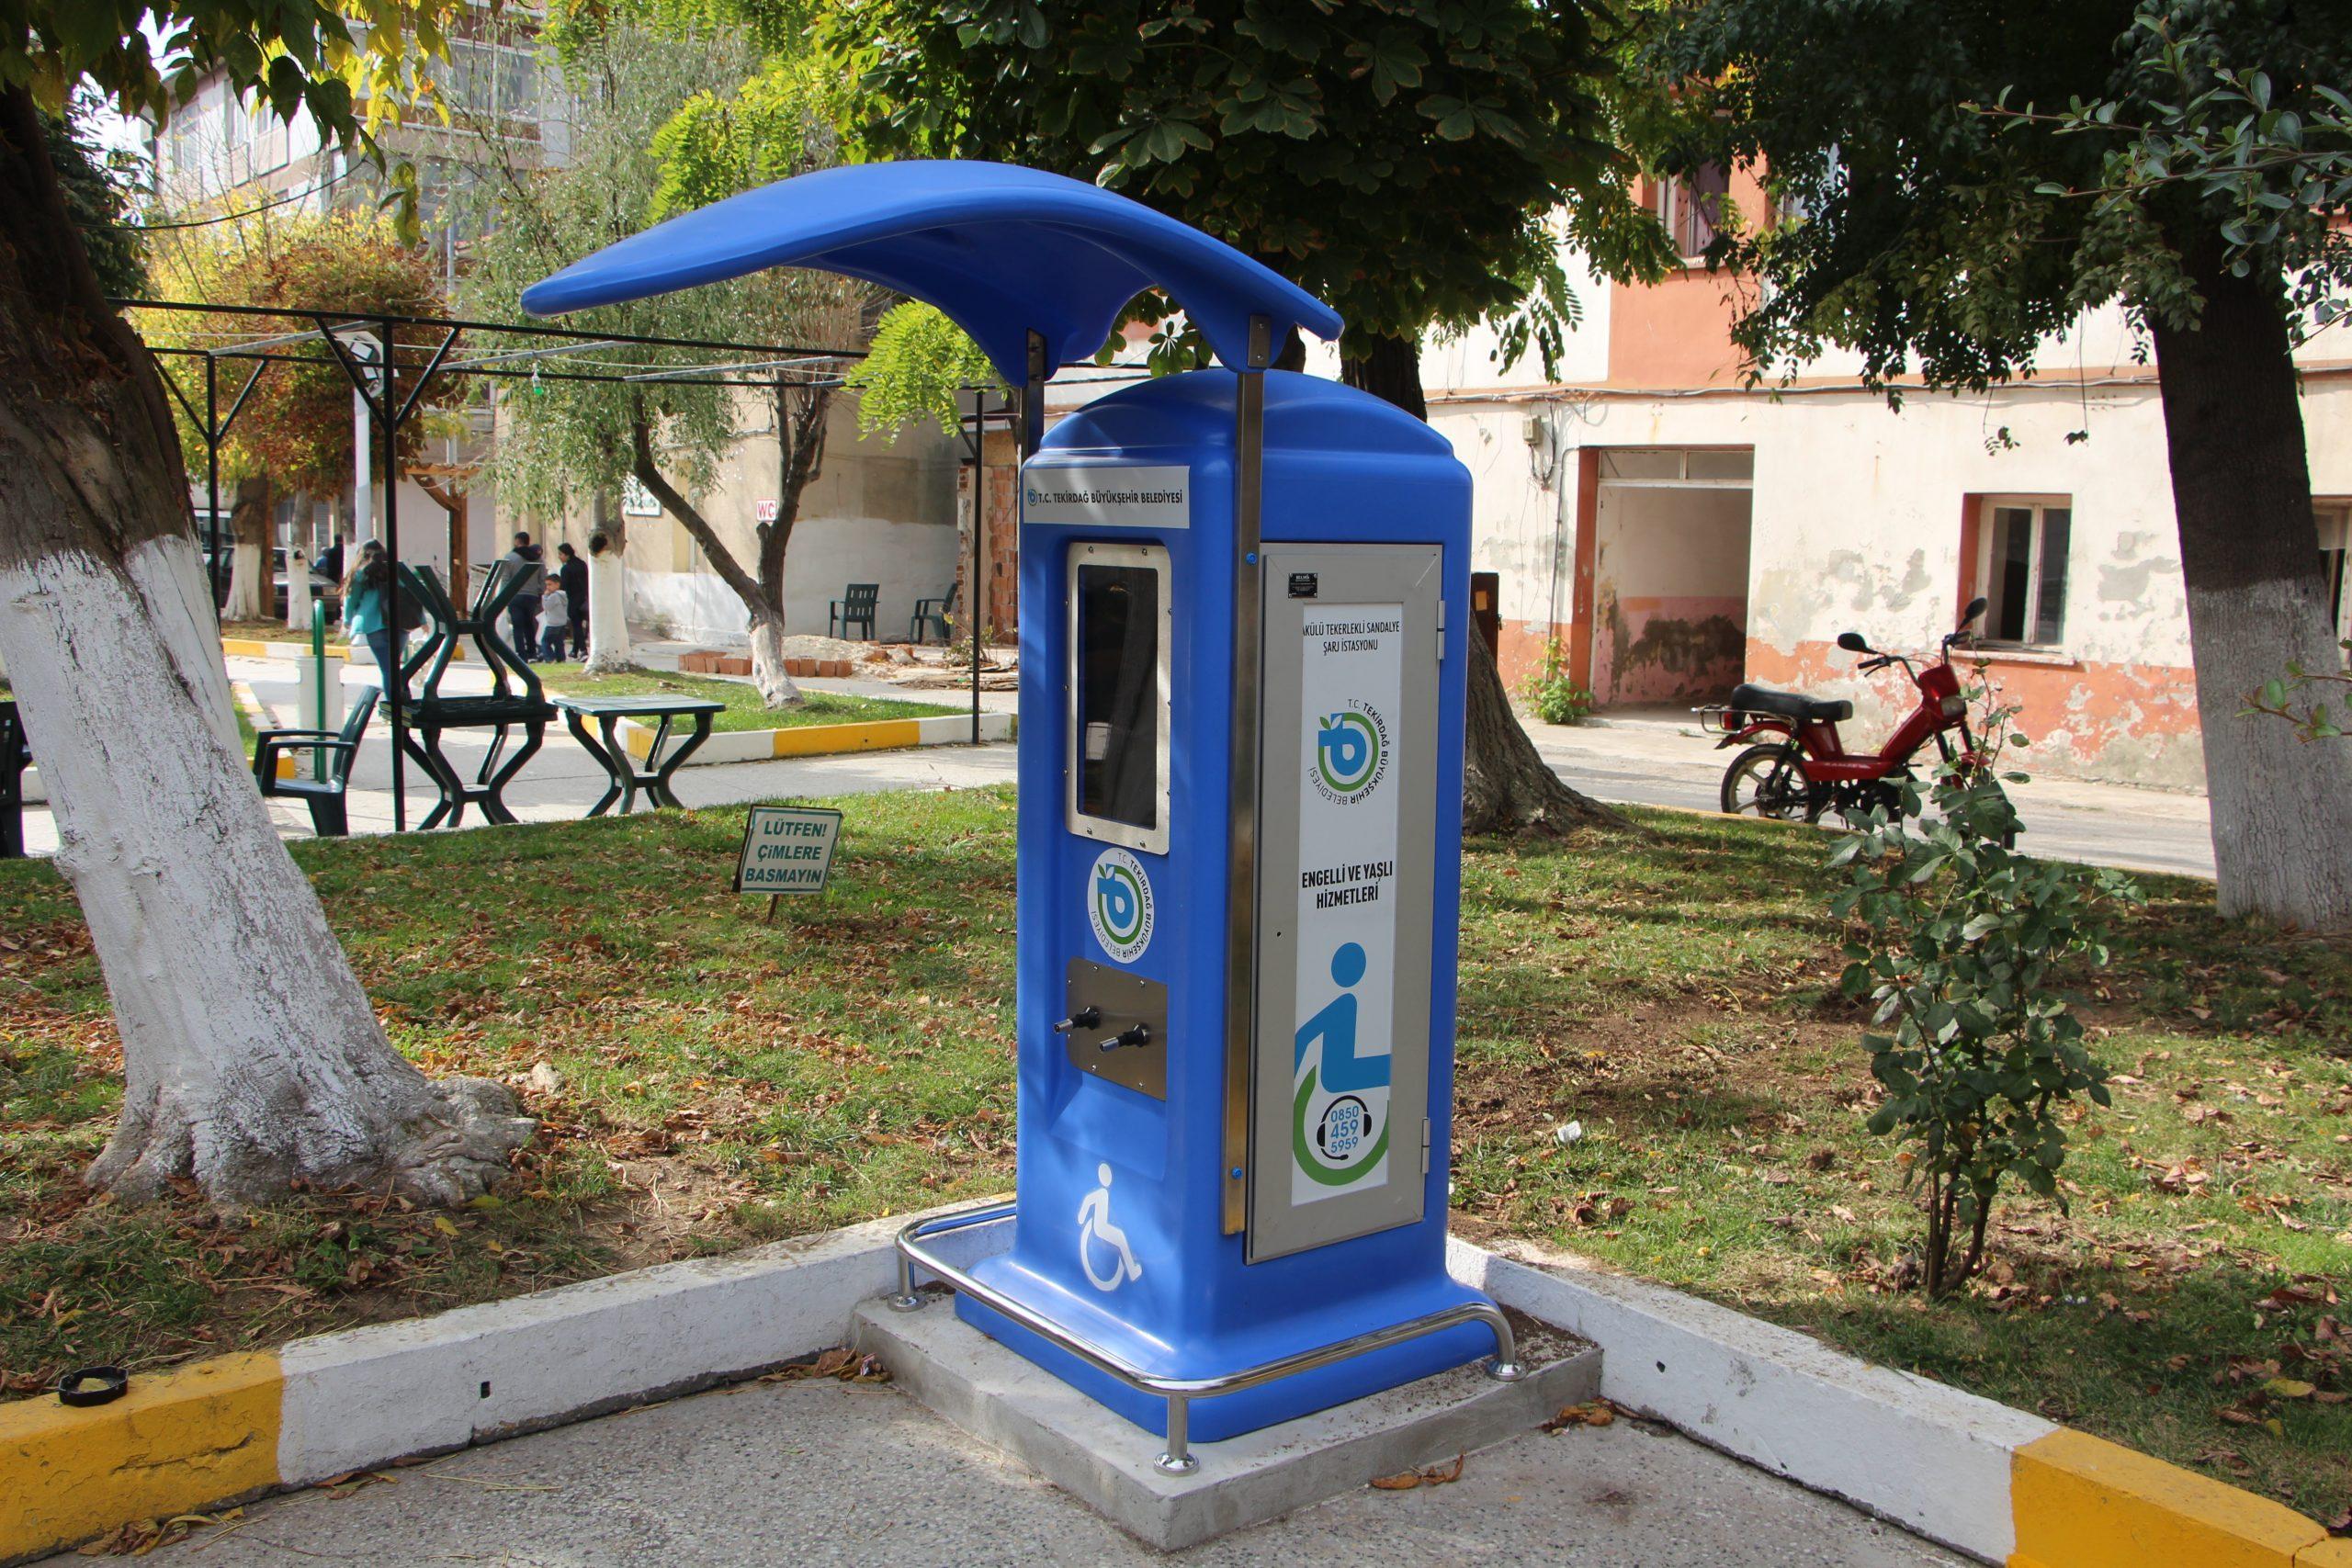 Belediyeden Engelli Tuvaleti ve Elektrikli Sandalye Şarj Cihazı!